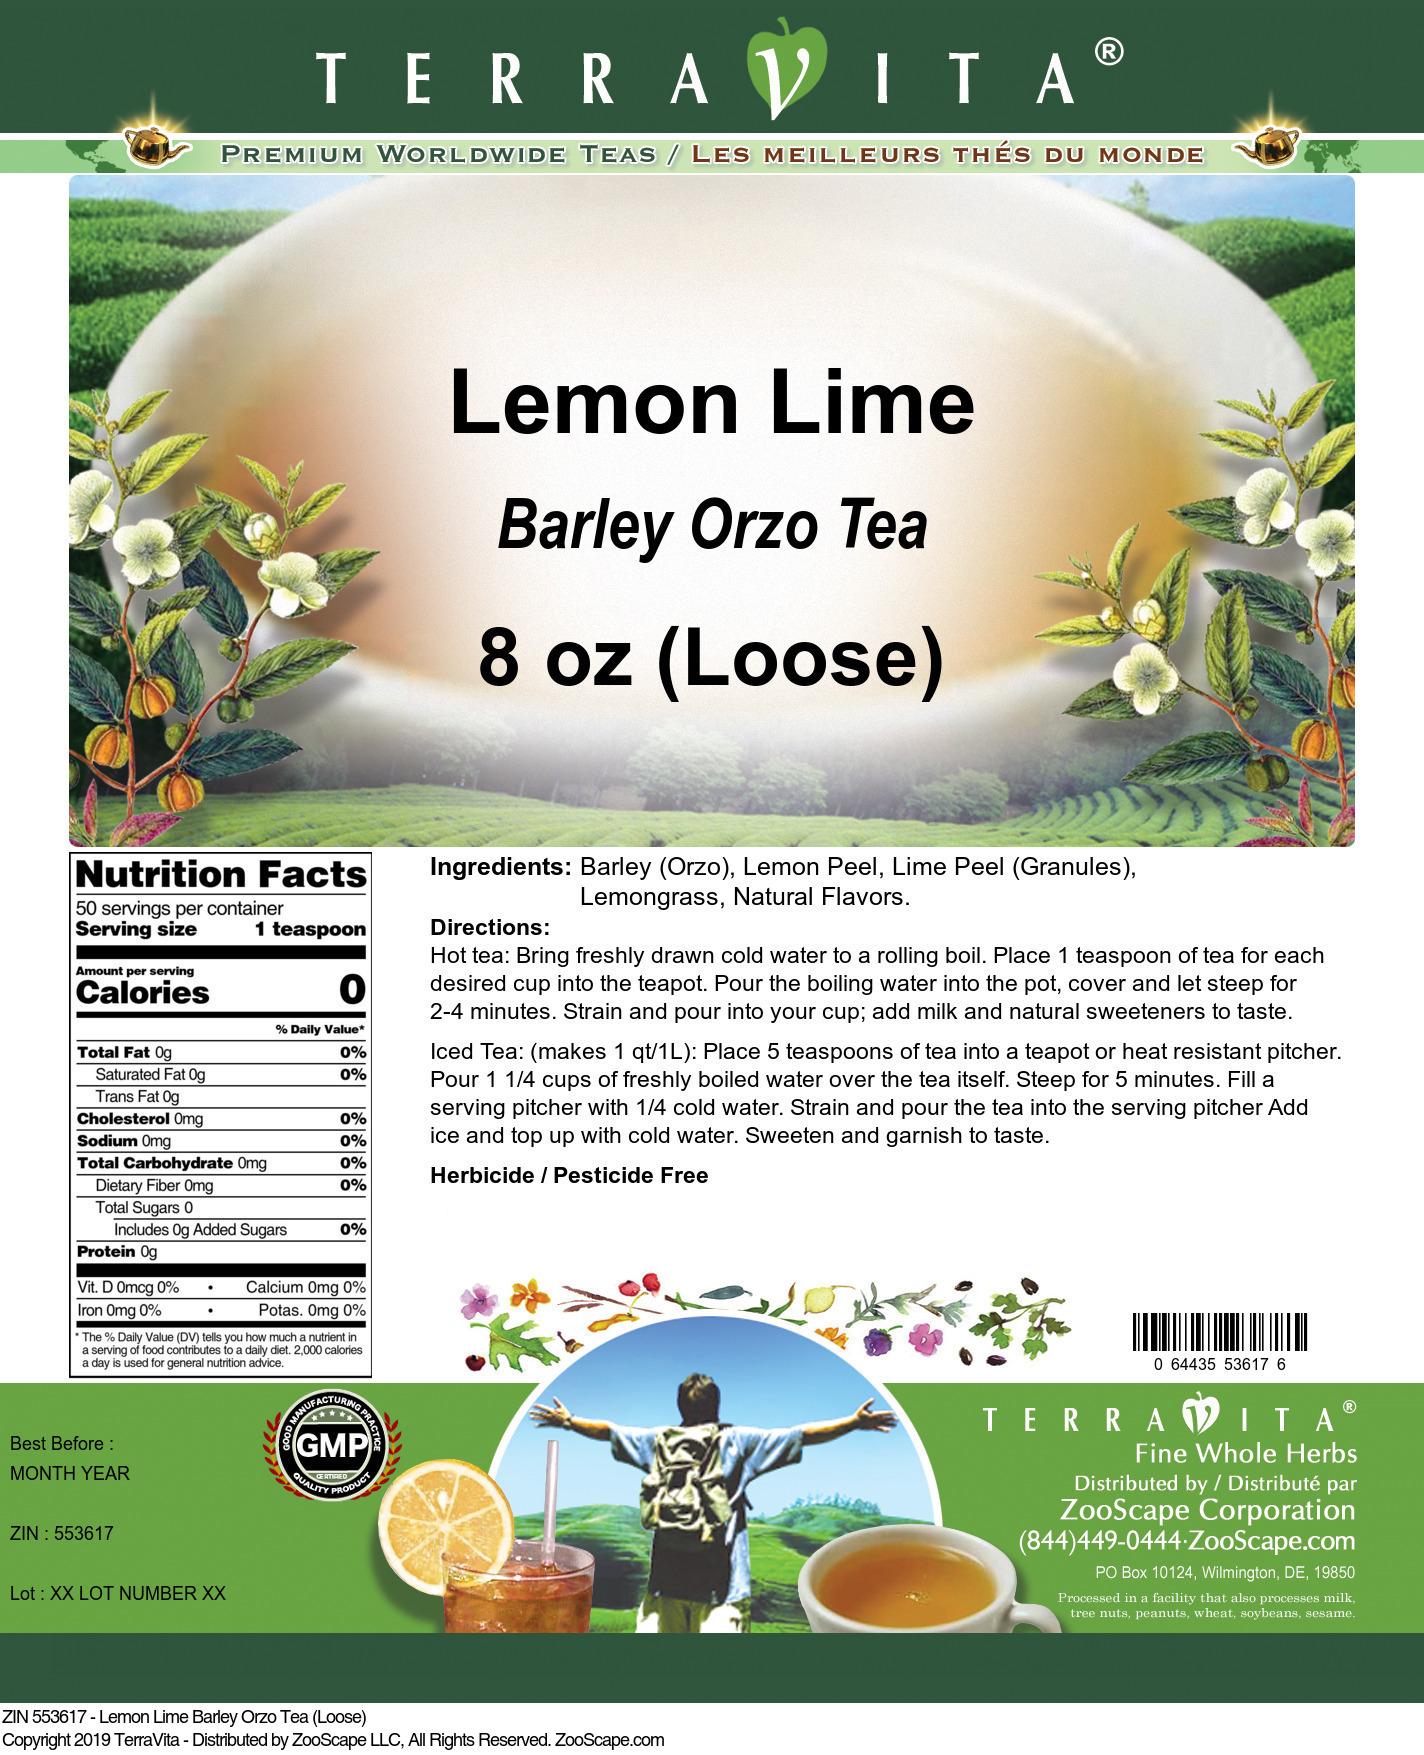 Lemon Lime Barley Orzo Tea (Loose)